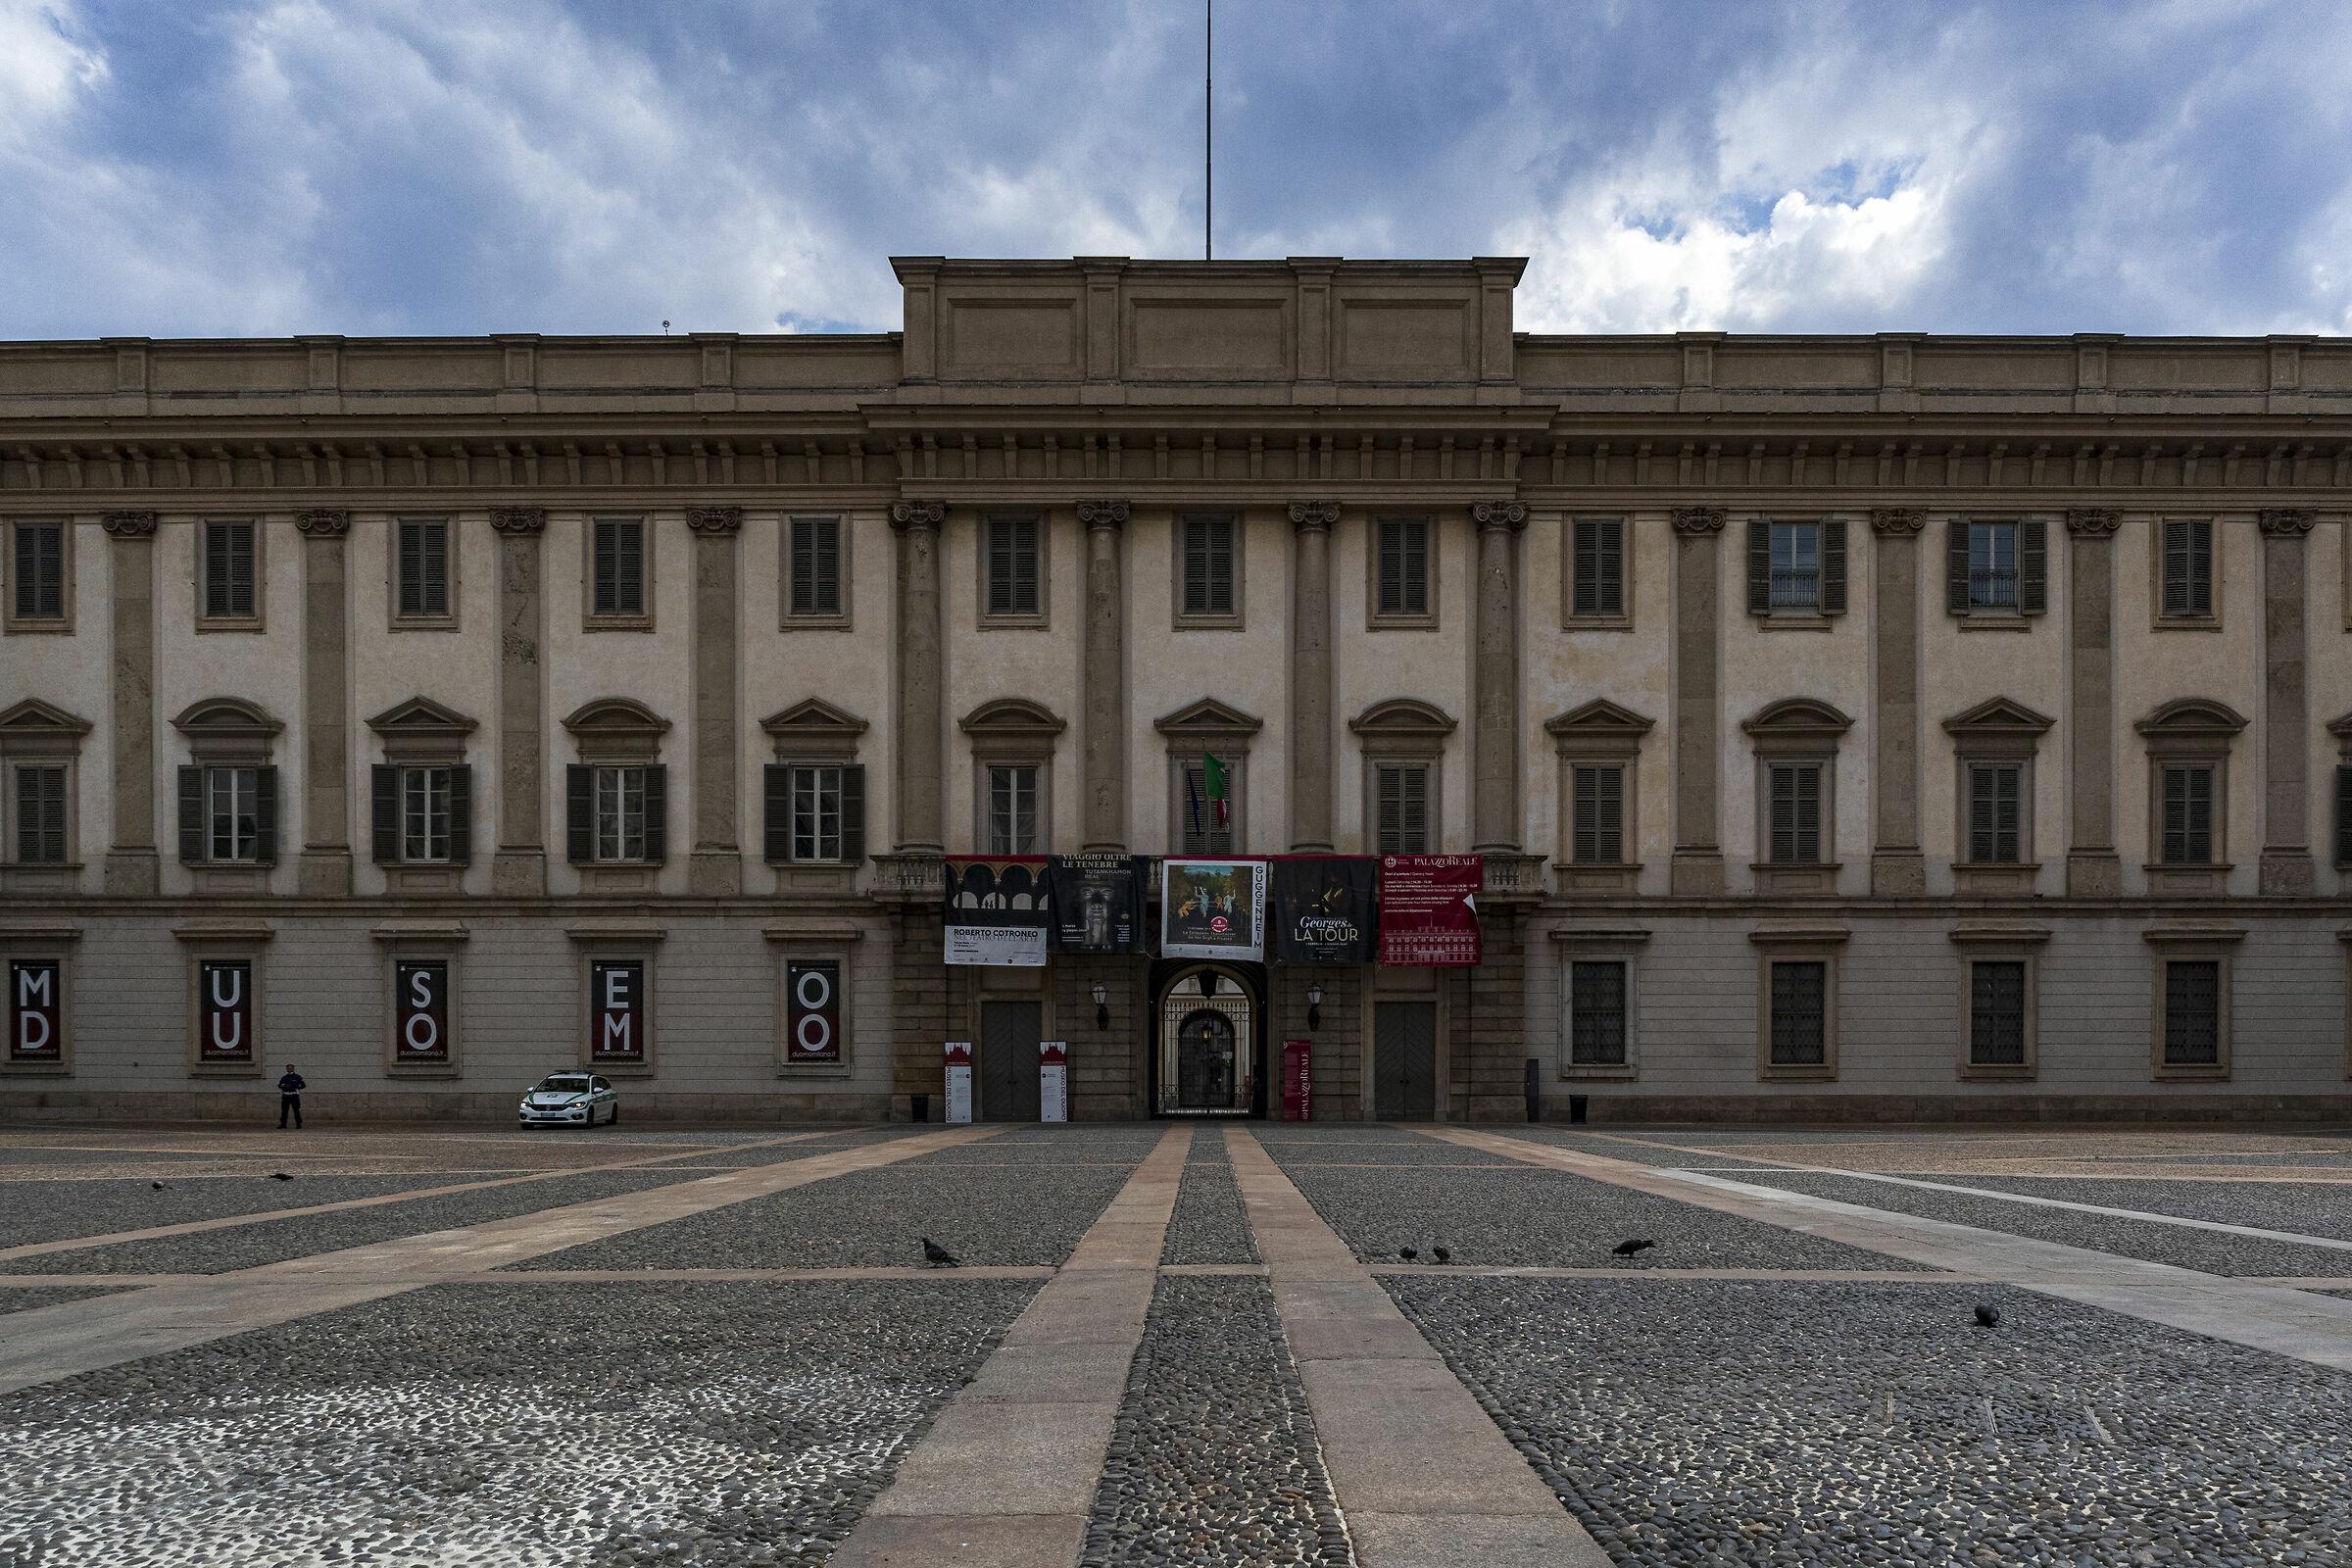 Milano ai tempi del Coronavirus...